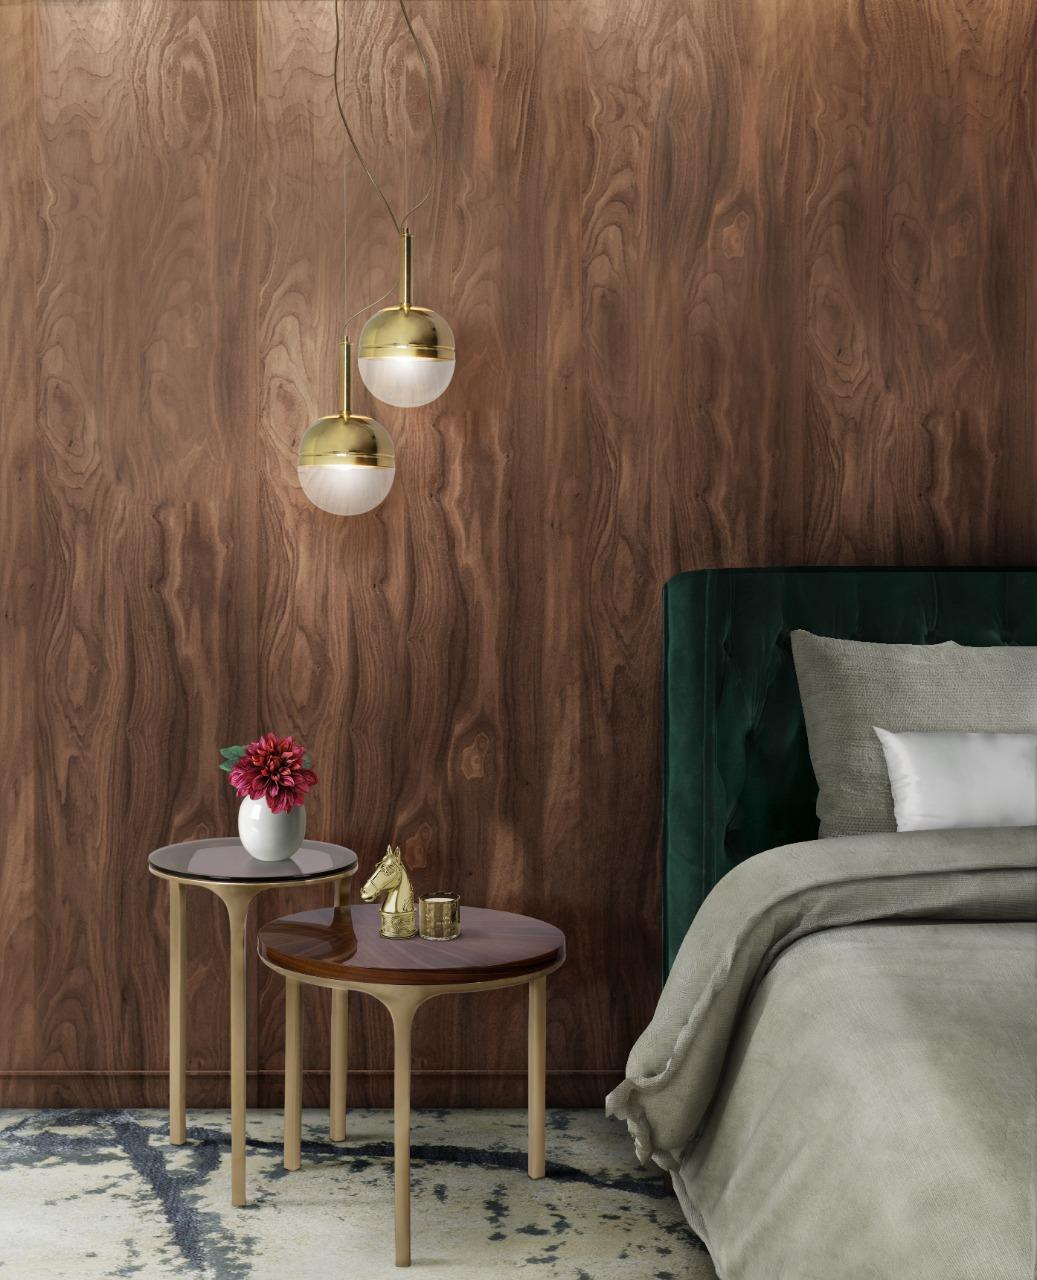 SLEEK-WOODEN-BEDROOM-lighting-ideas